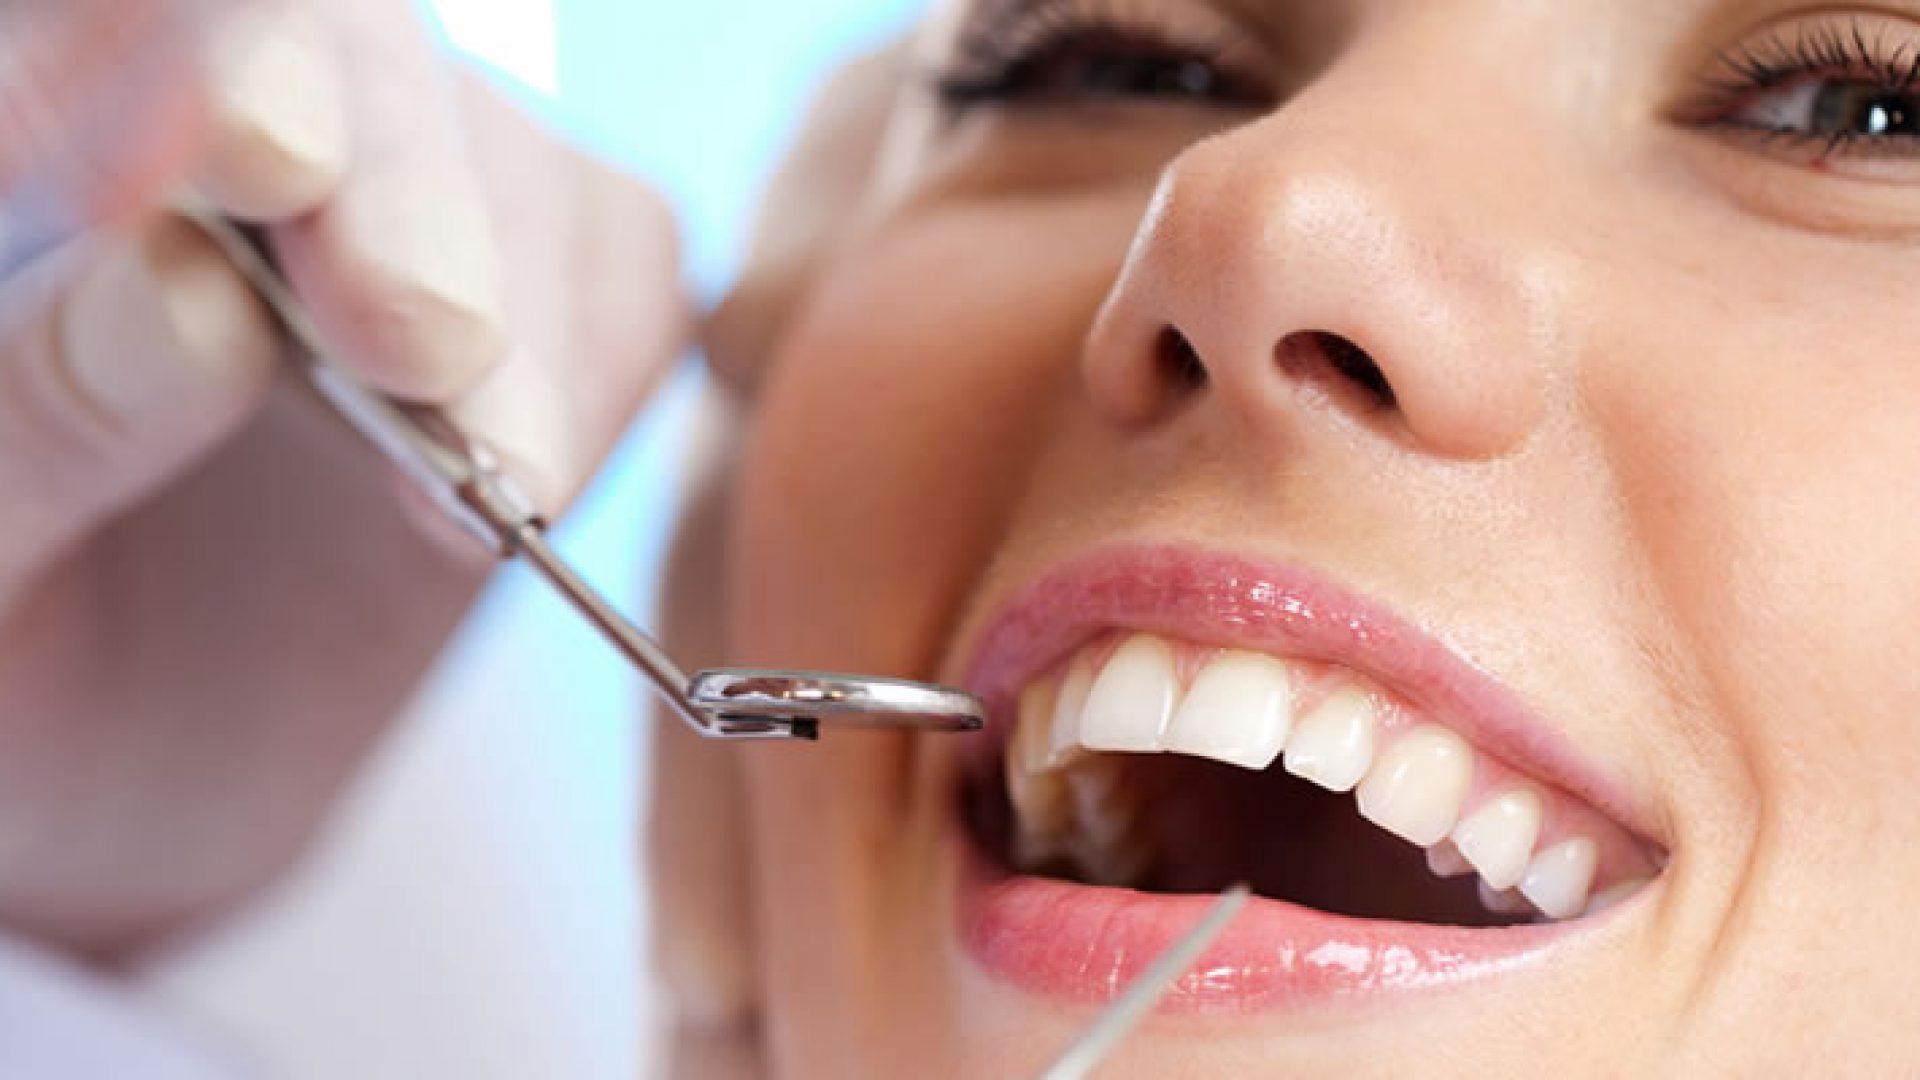 Stomatološko specijalistički centar Dr Jelena M Banja Luka, Derventa, stomatolog, zubar